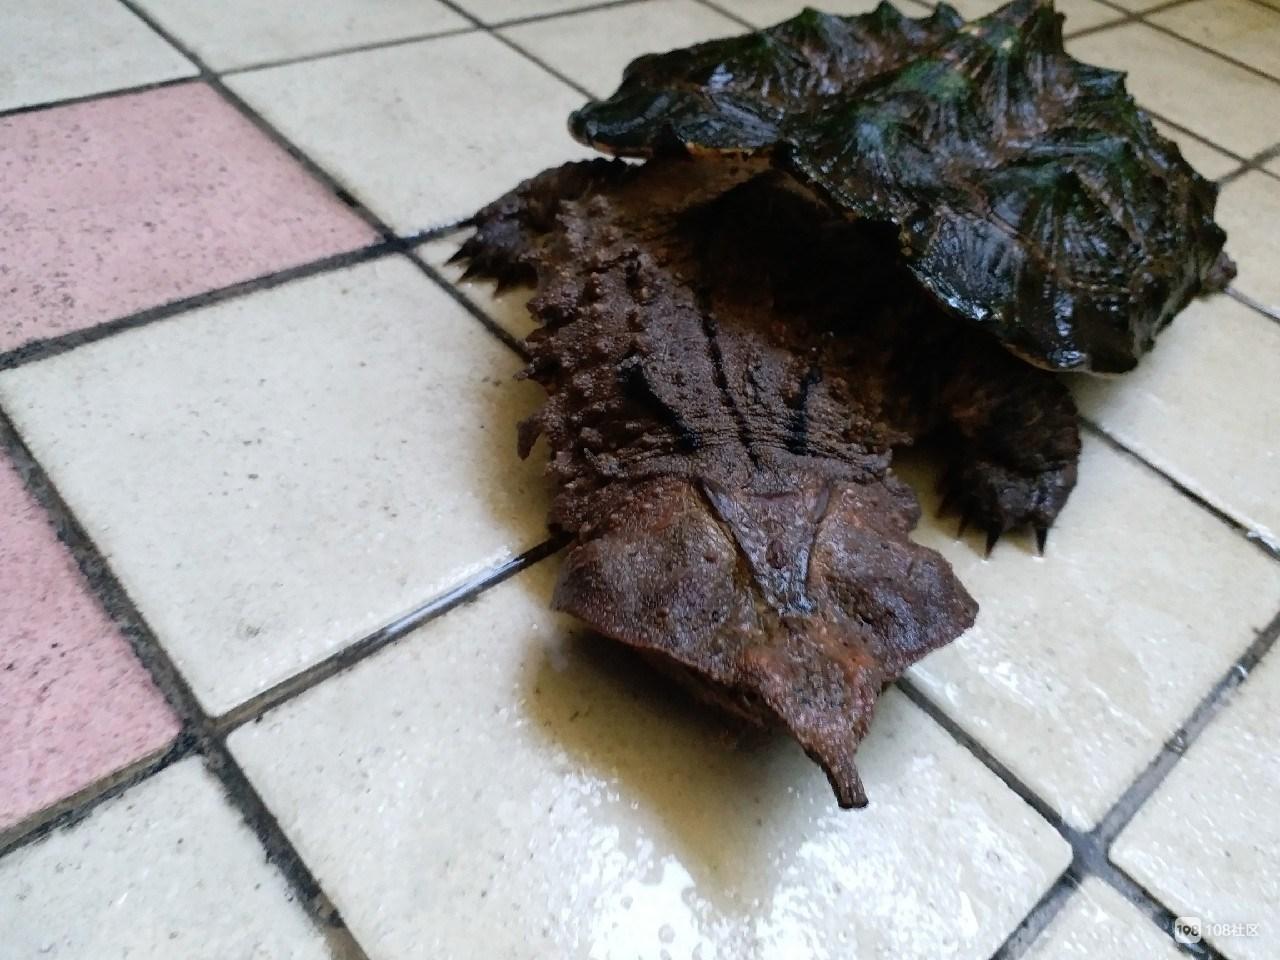 枯叶龟是保护动物吗 枯叶龟是国家保护动物吗